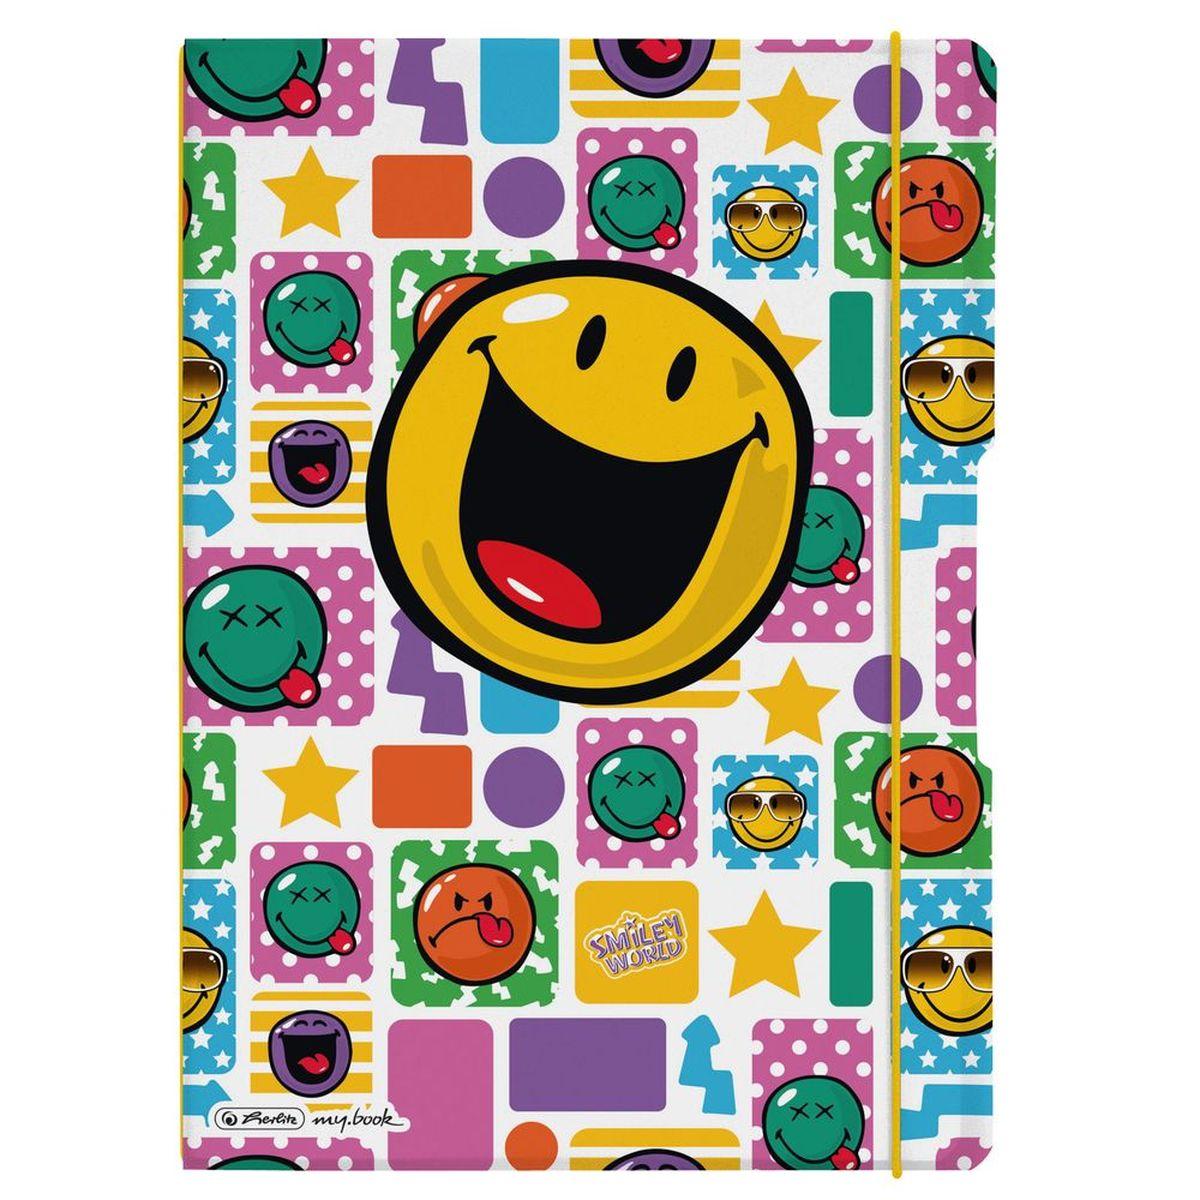 Herlitz Блокнот my.book Flex Smiley Happy 80 листов в клетку/линейку формат А411361672Комбинируемый блокнот от Herlitz my.book Flex Smiley Happy подойдет для любого случая: в университете, в школе, дома или в офисе. Благодаря разным бумажным сменным блокам, а также эластичным резинкам и креплению блокнот my.book всегда остается уникальным и разнообразным. С помощью наборов эластичных резинок вы можете немного менять внешний вид своего блокнота my.book flex каждый день. При желании вы можете просто продолжать использовать свою любимую обложку, потому что с бумажными блоками всегда есть, где писать. Пластиковый блокнот my.book flex завоюет ваше сердце. Пластиковая версия блокнота формата A4 имеет еще одно преимущество: уникальная система 2-в-1. В отличие от обычных блокнотов, эта версия позволяет использовать одновременно бумажные блоки в клетку и в линейку. Утомительная необходимость носить за собой разные блокноты и тетради ушла в прошлое.